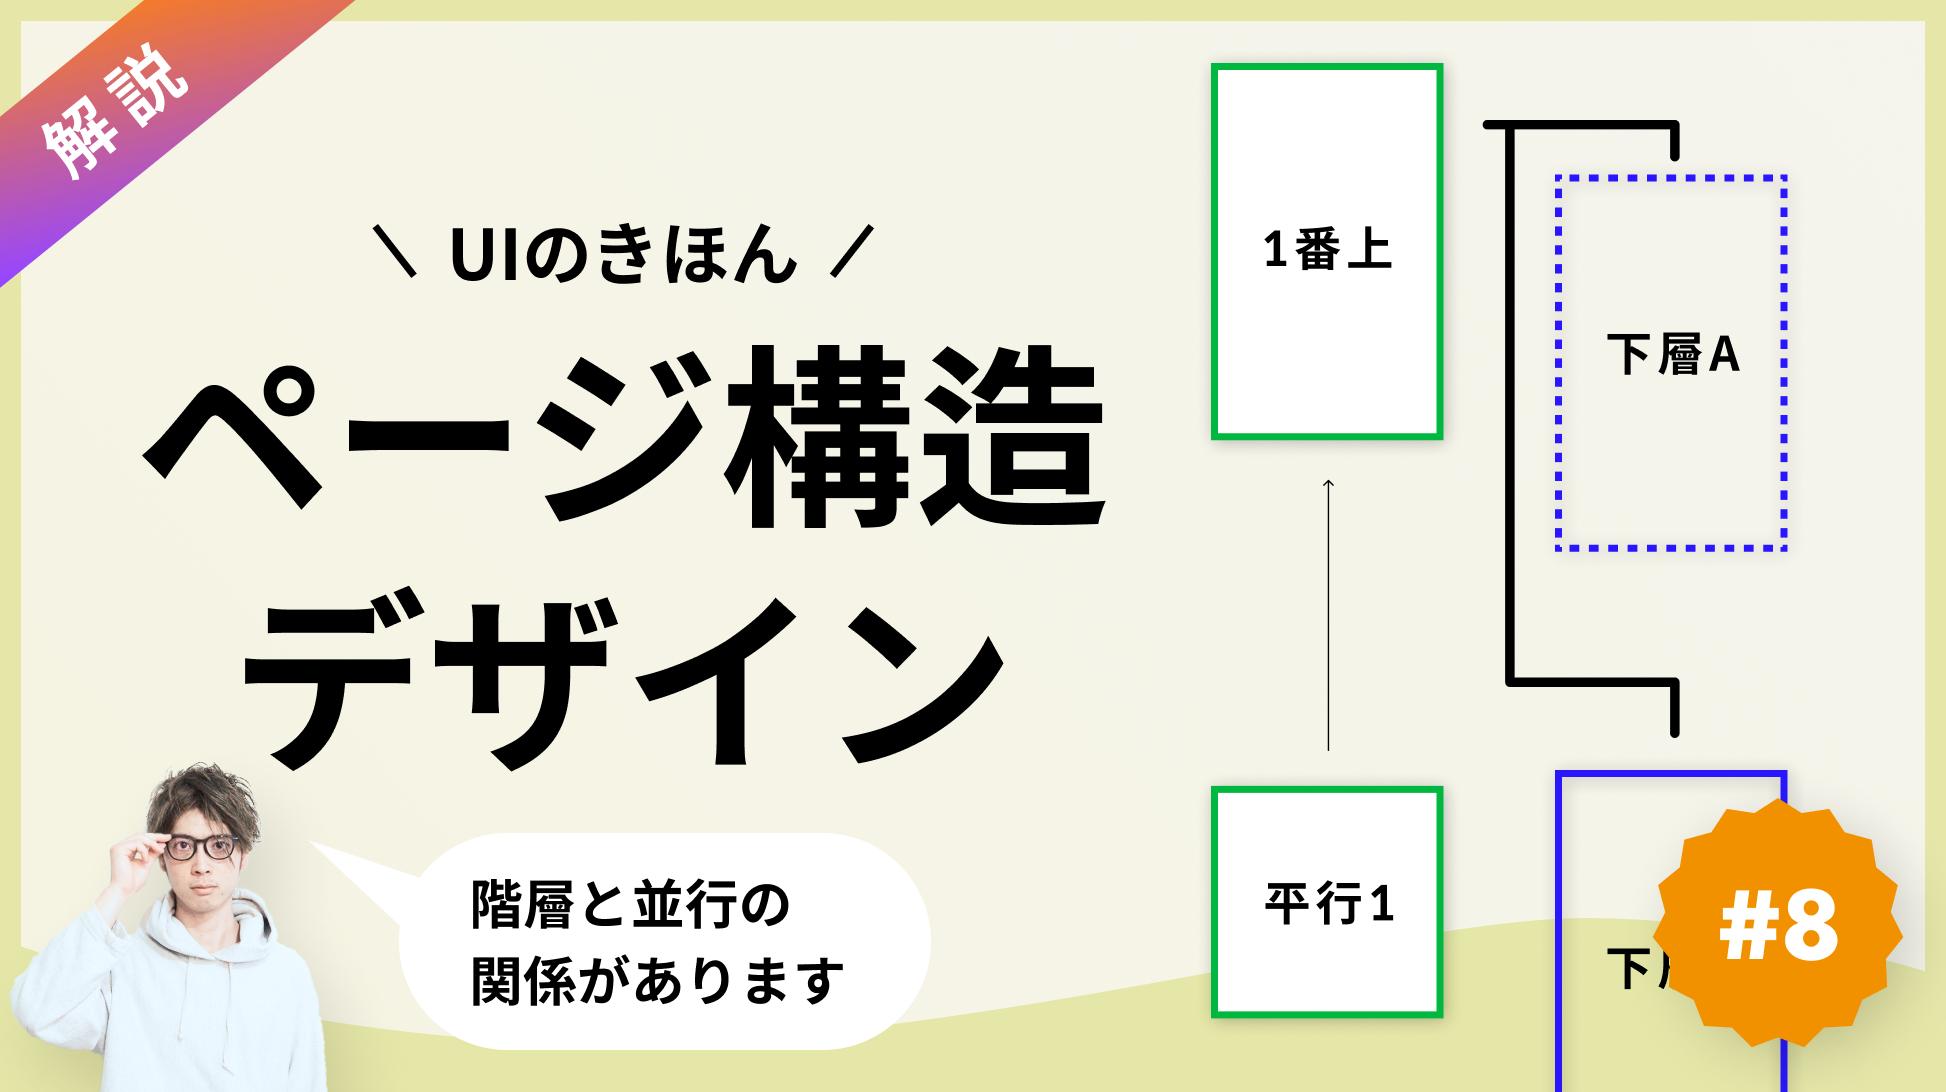 ページ同士の関係性とボトムナビのデザインを解説【ページ間の移動考えたことありますか?】